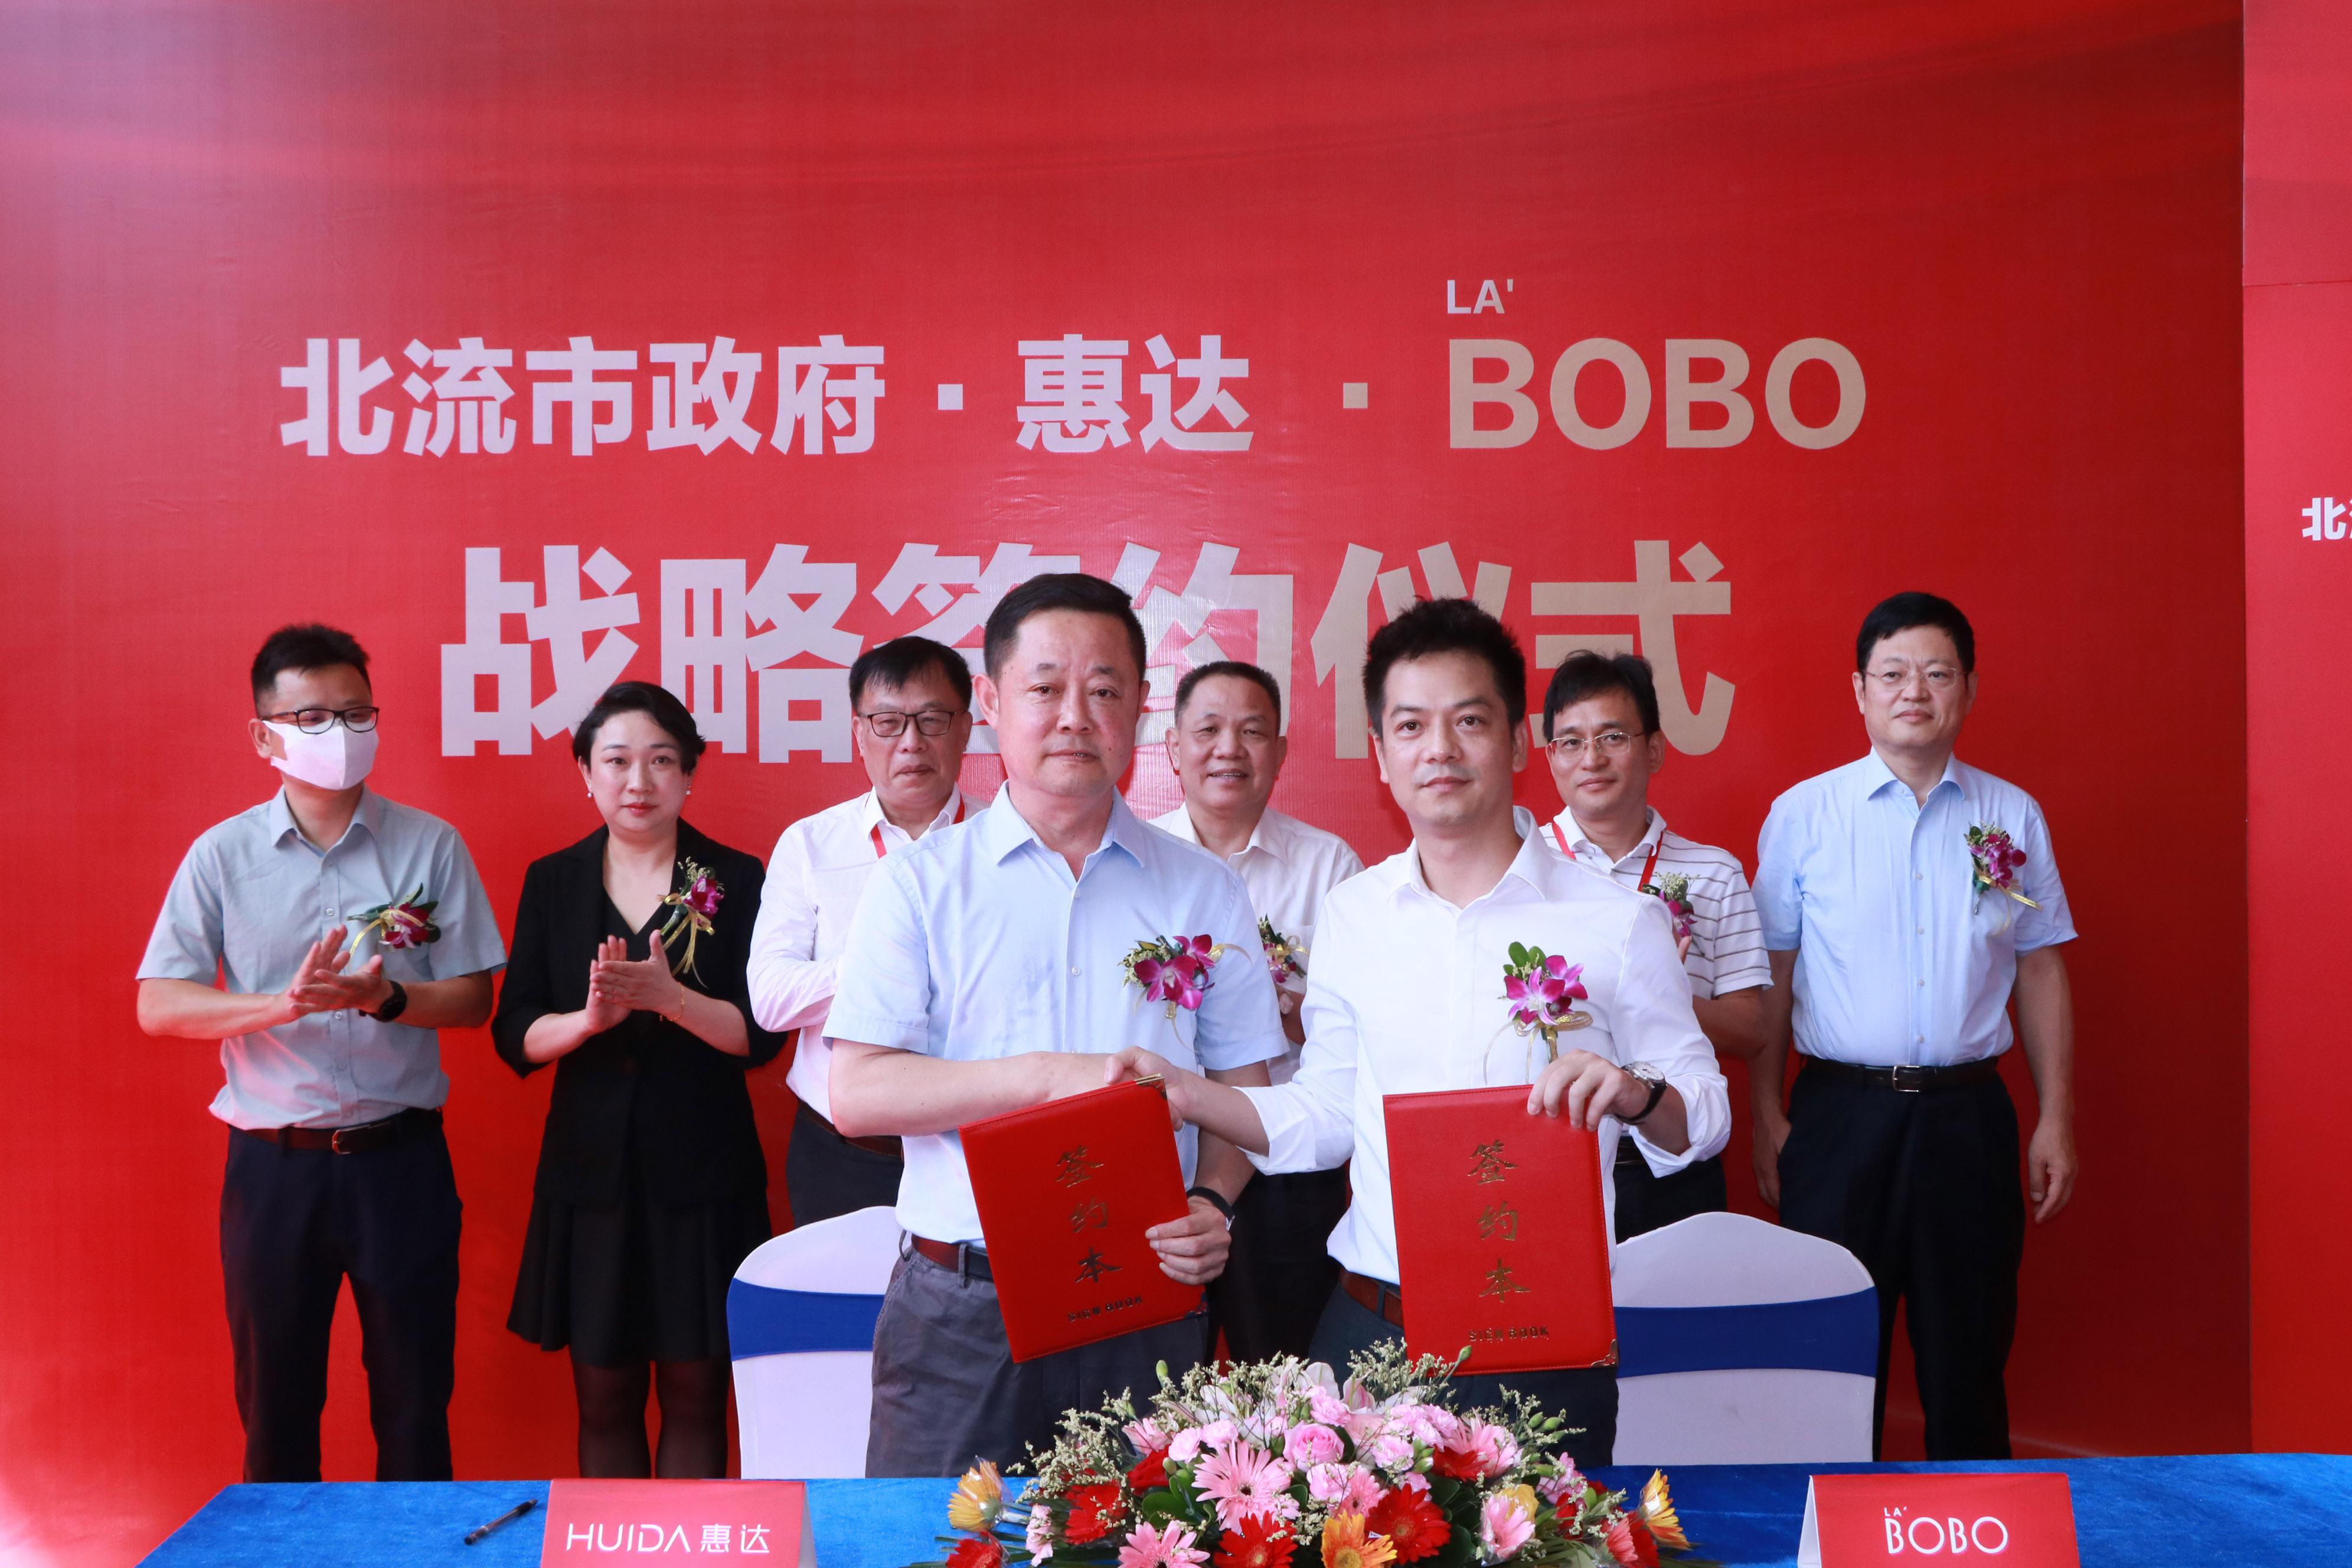 惠达与LA'BOBO正式签订并购协议